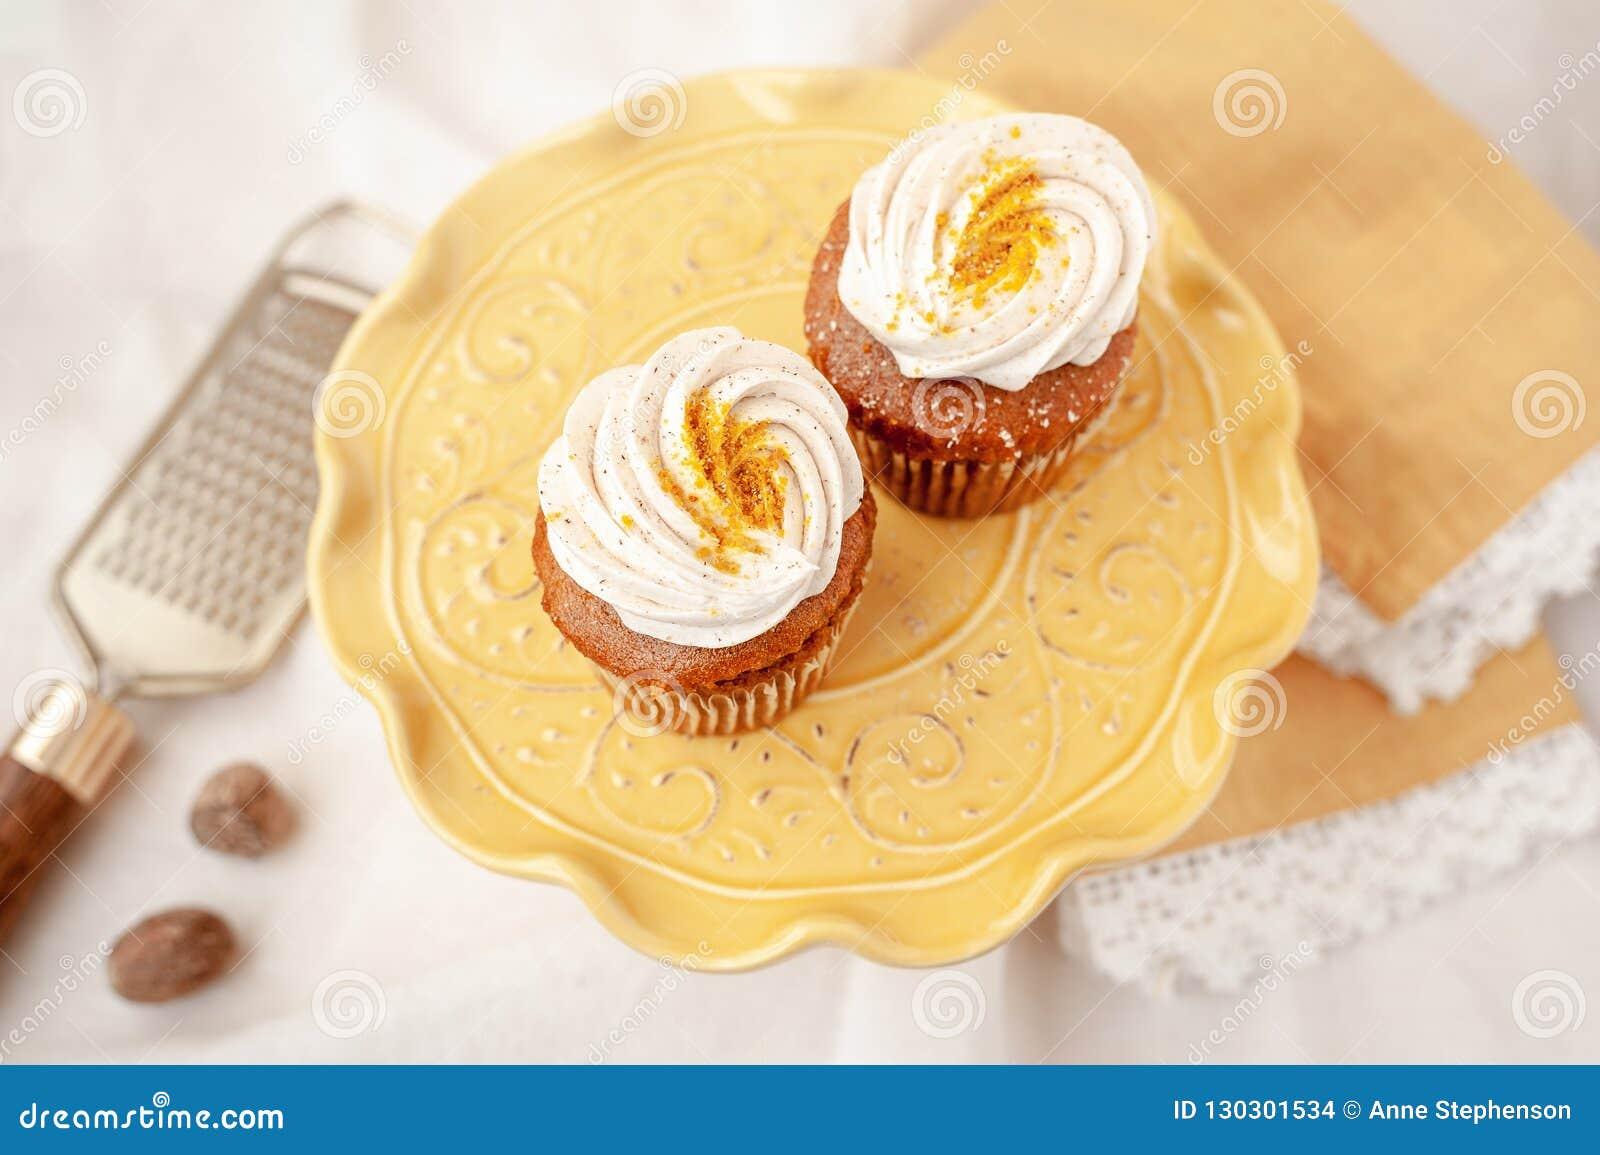 Pompoenkaastaart cupcakes zonder gluten of zuivelfabriek wordt gemaakt die